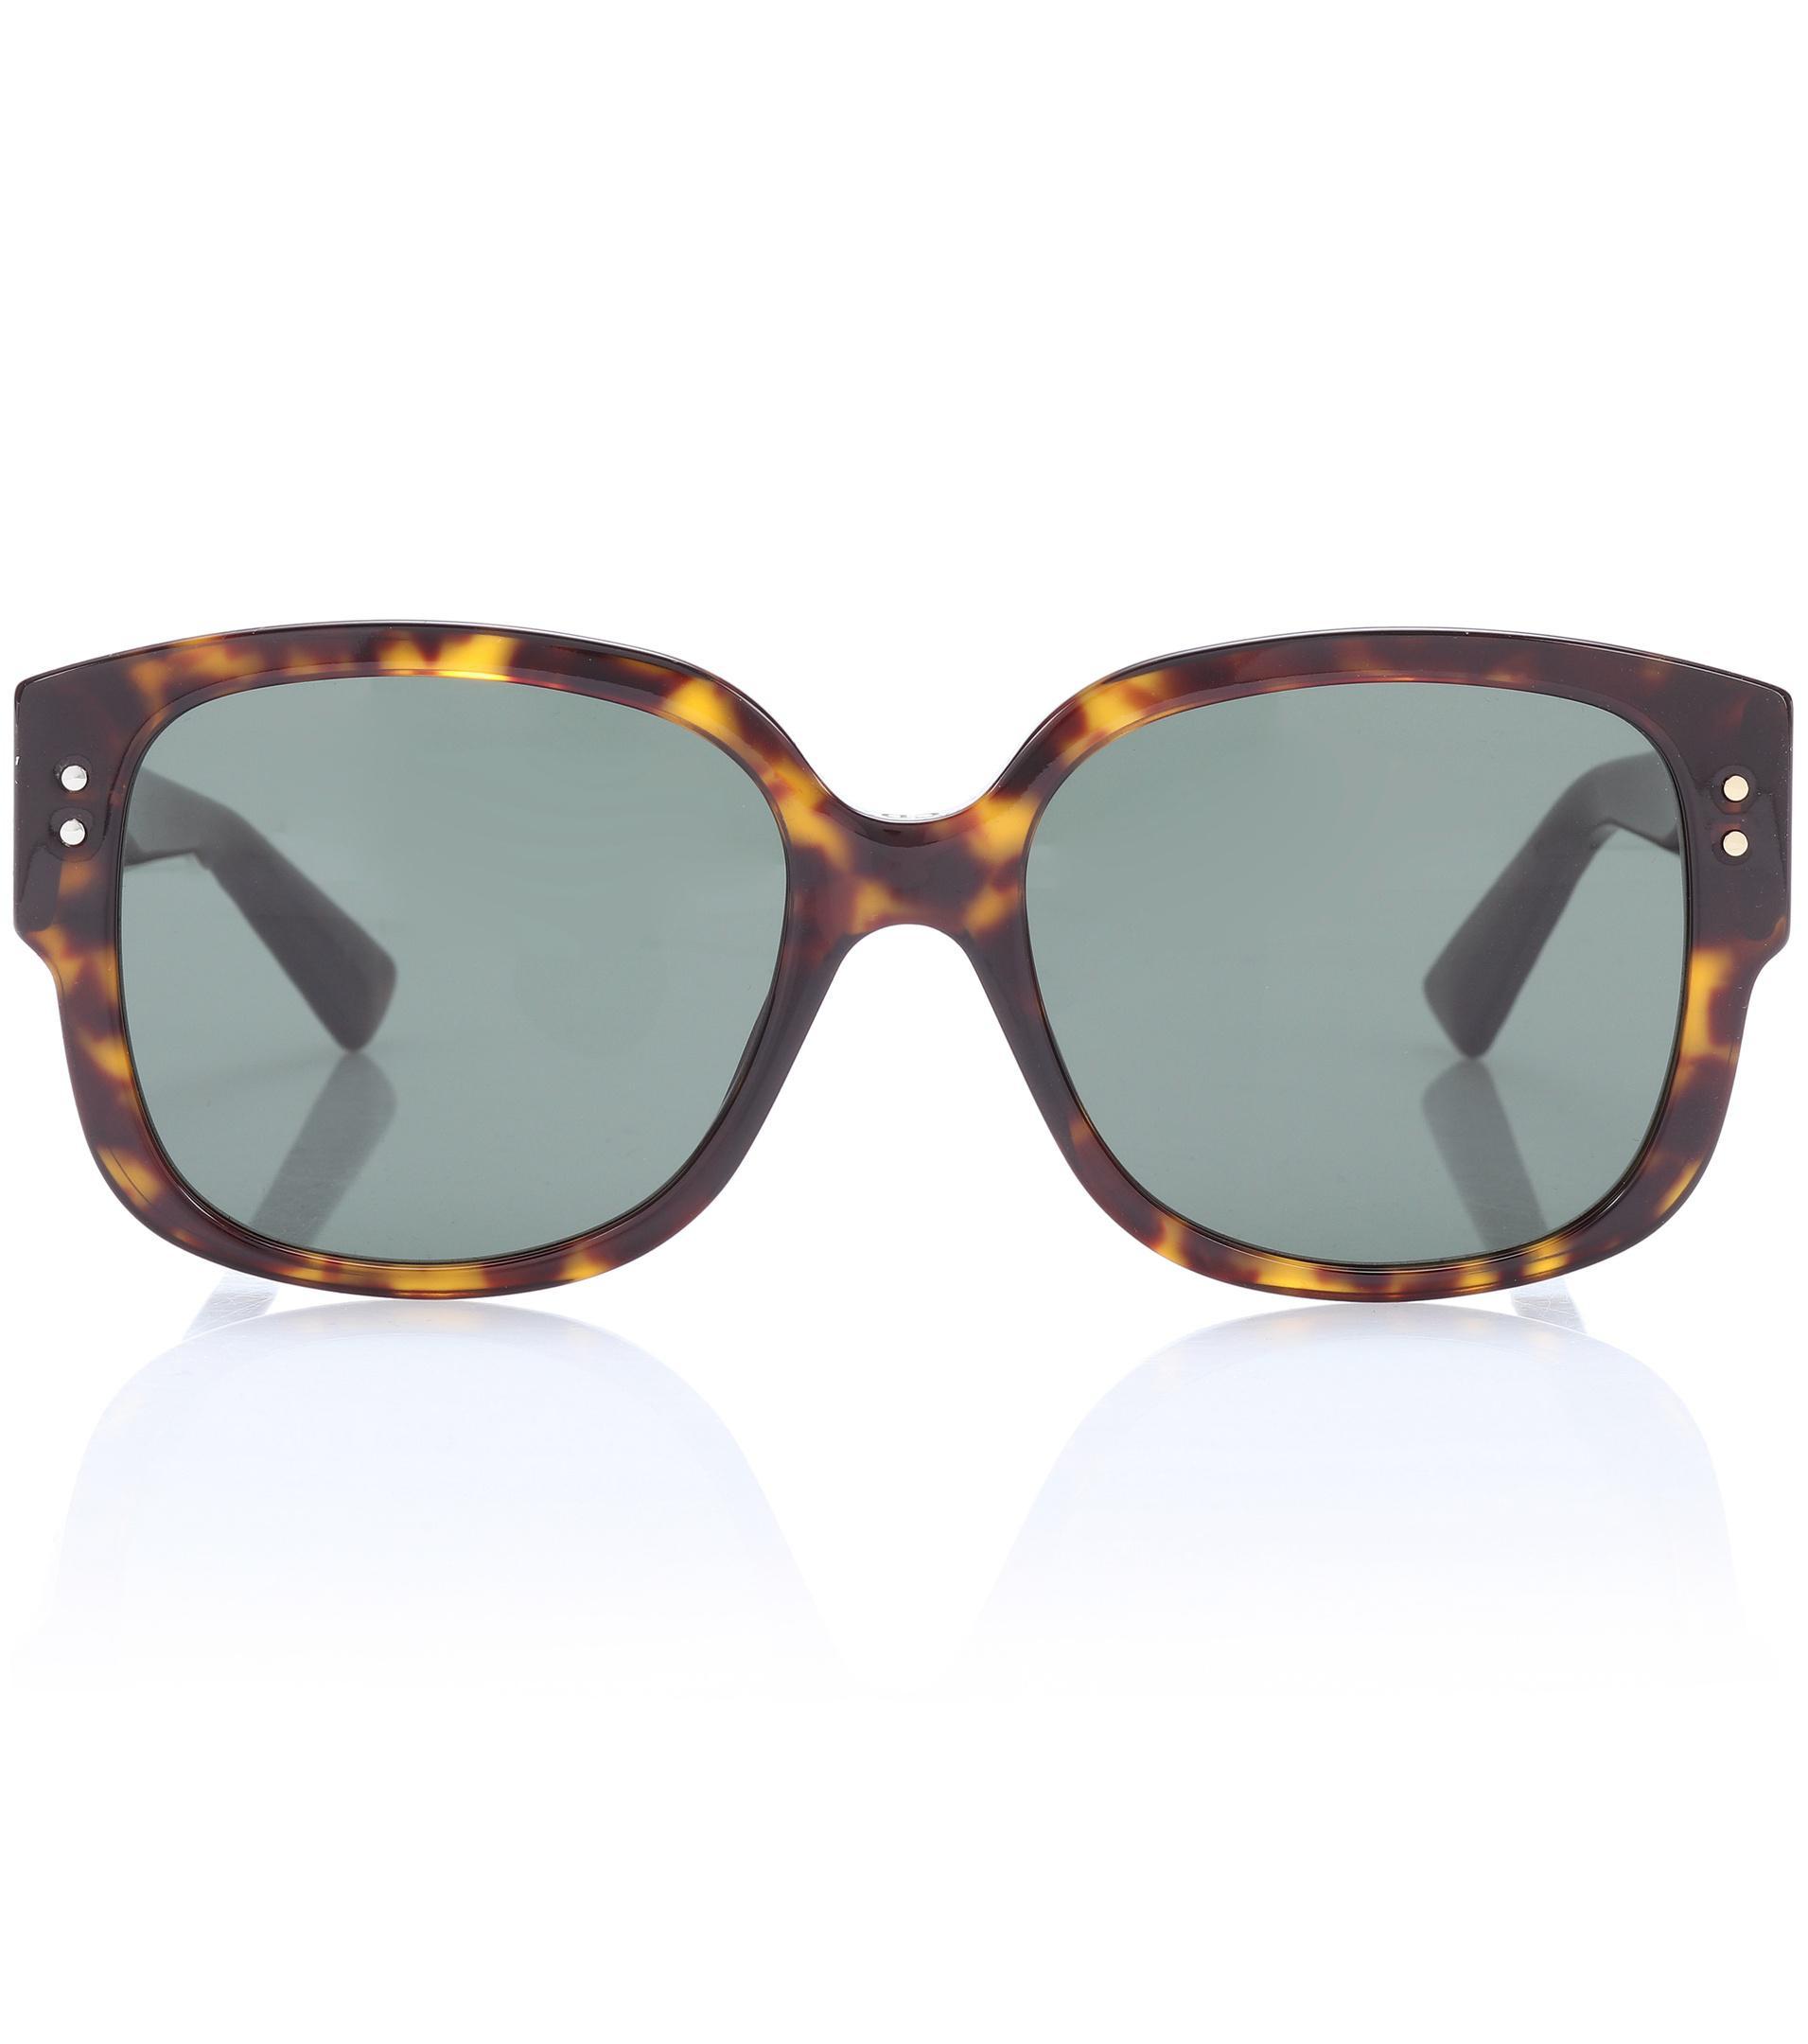 85b8a1fc07 Lyst - Dior Diorladystuds Square Sunglasses in Brown